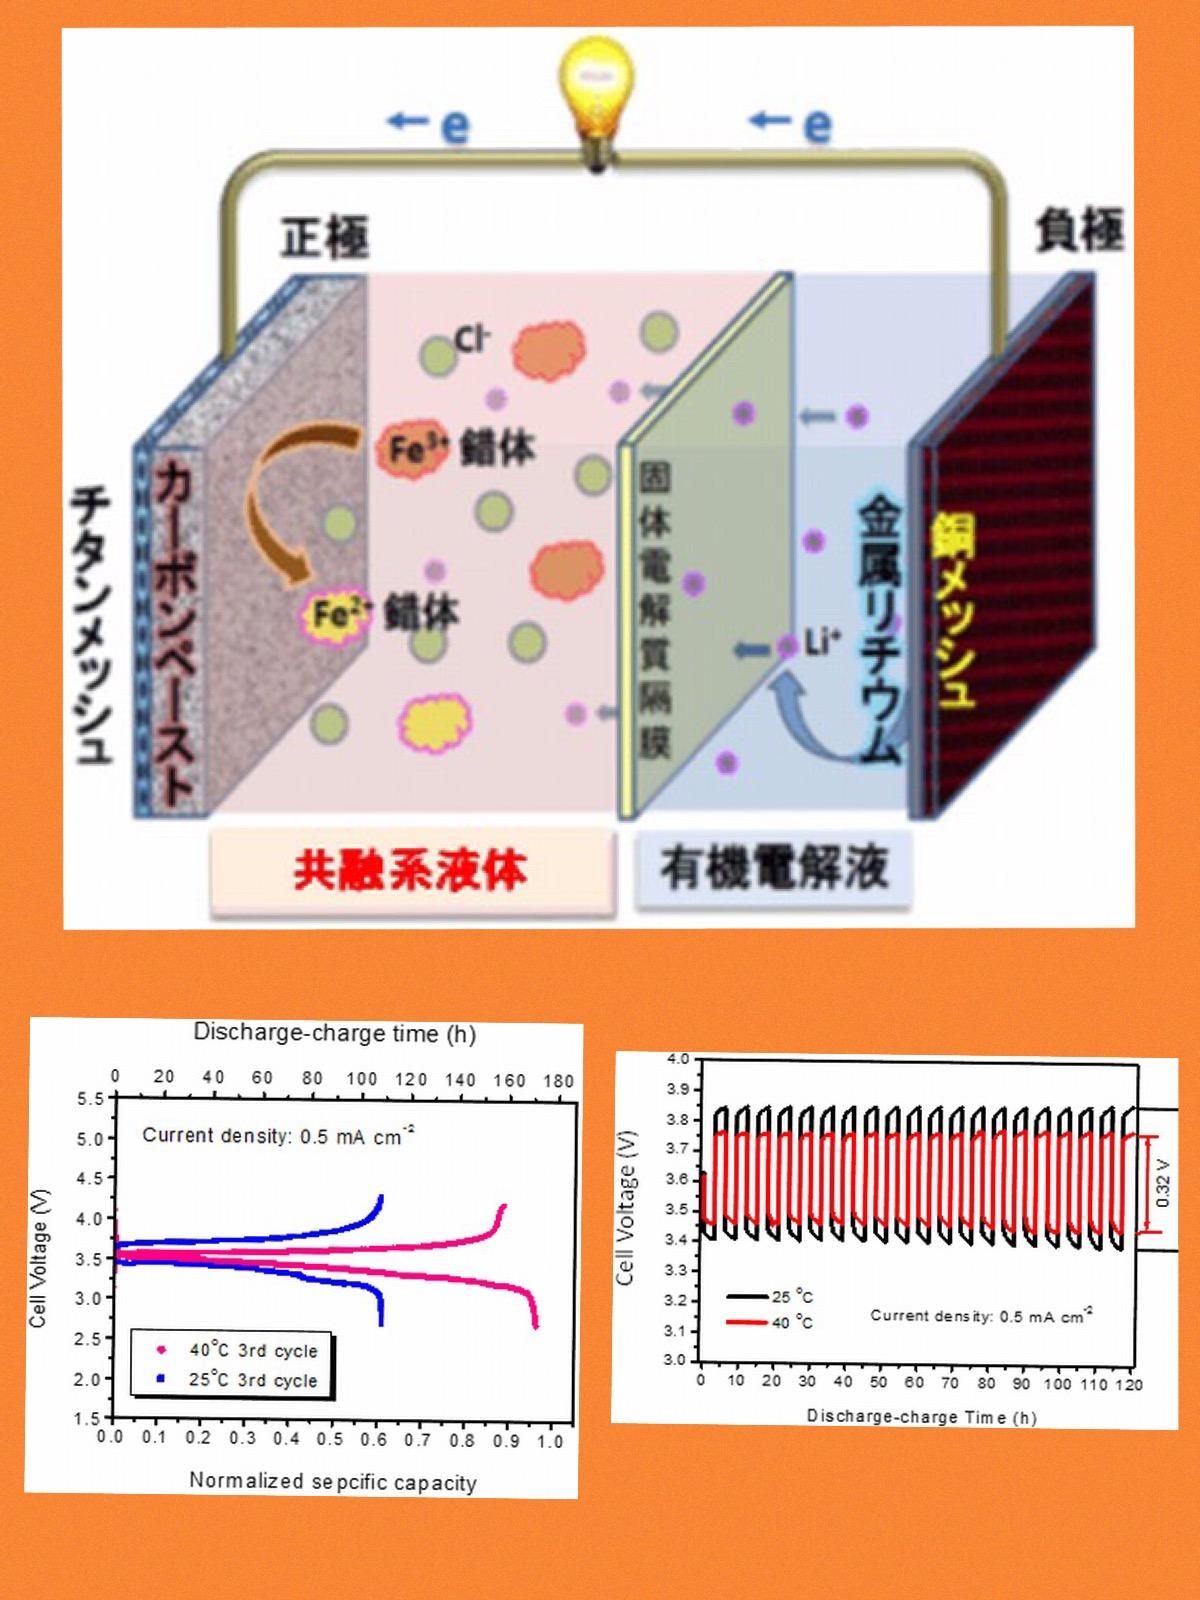 産総研 三菱自動車 正極側の共融系液体次世代二次電池を開発